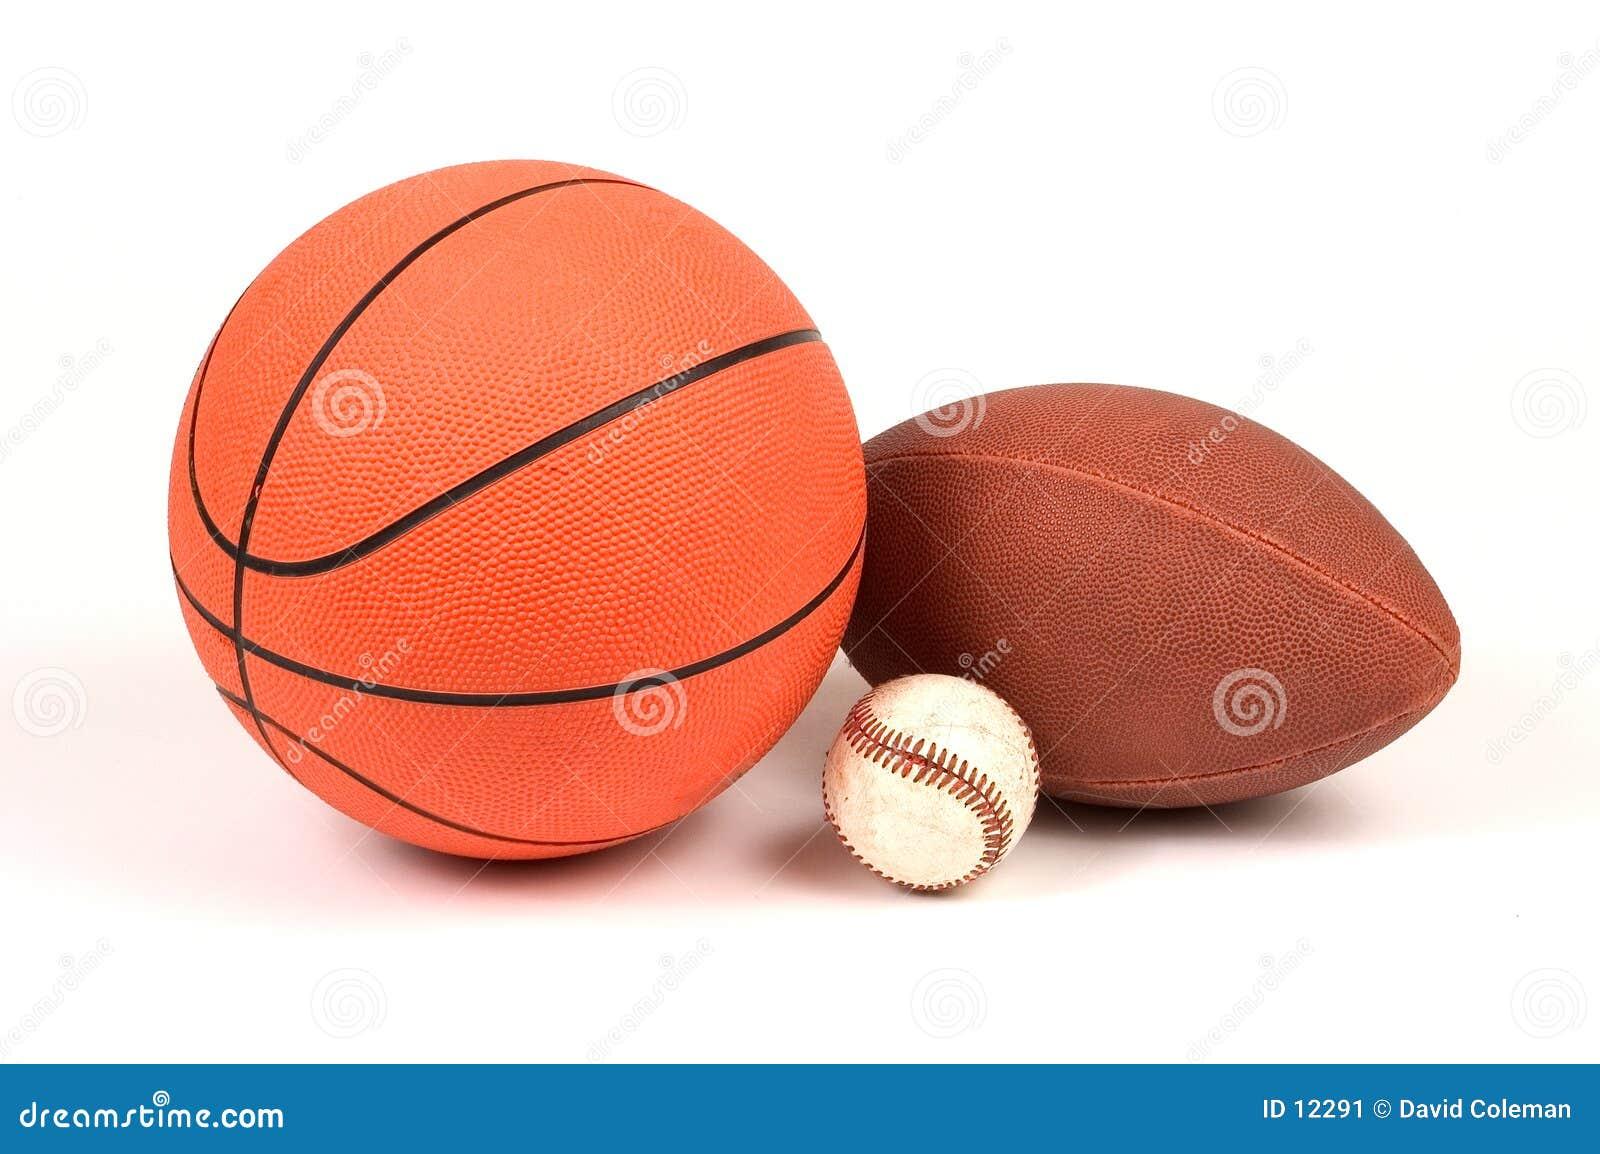 Three sports